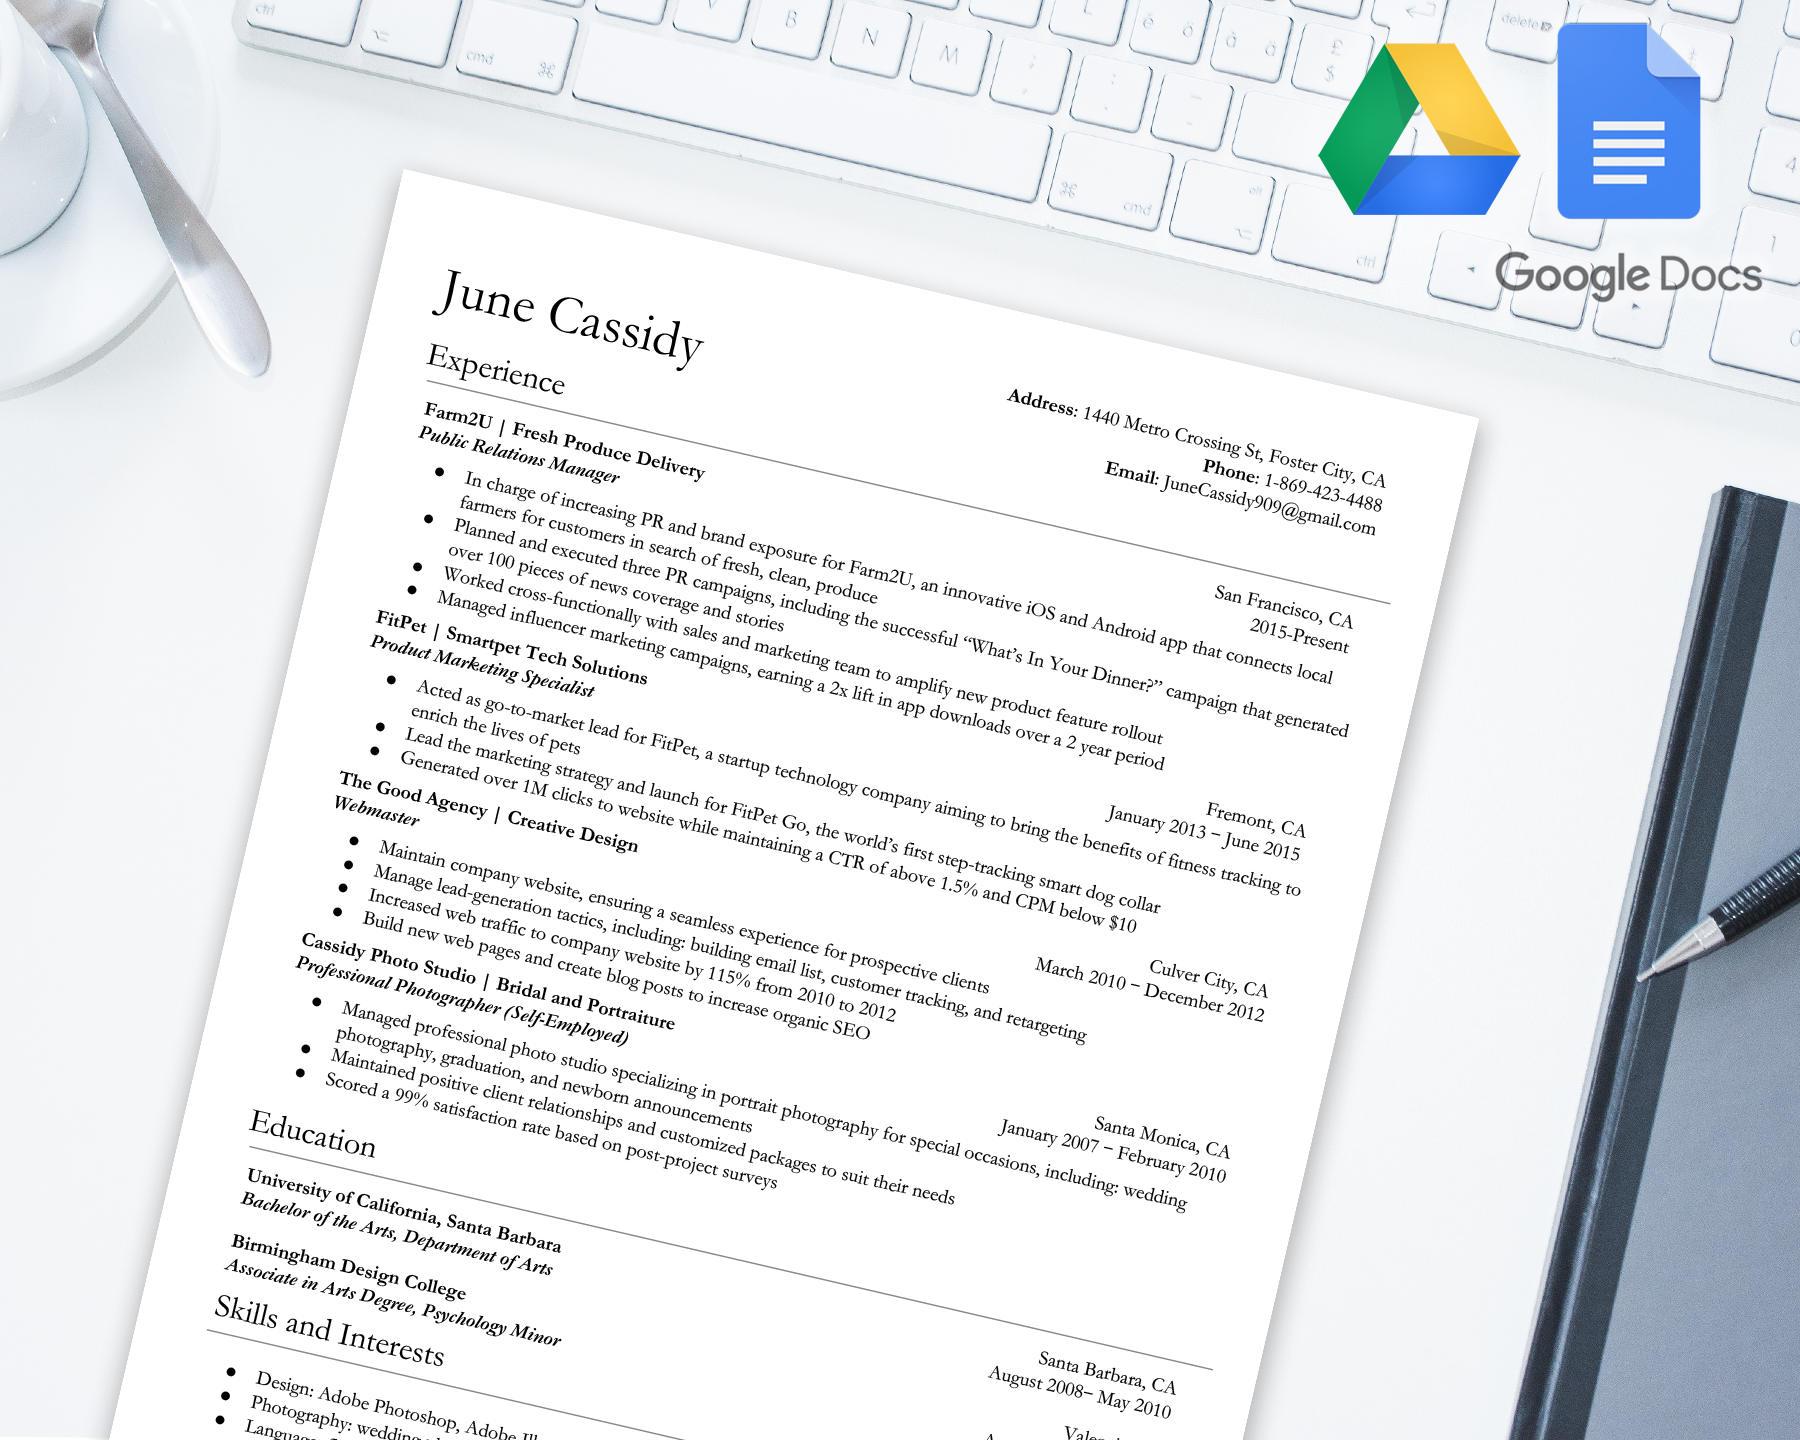 Lebenslauf Vorlage für Google Docs ausgezeichnet Google